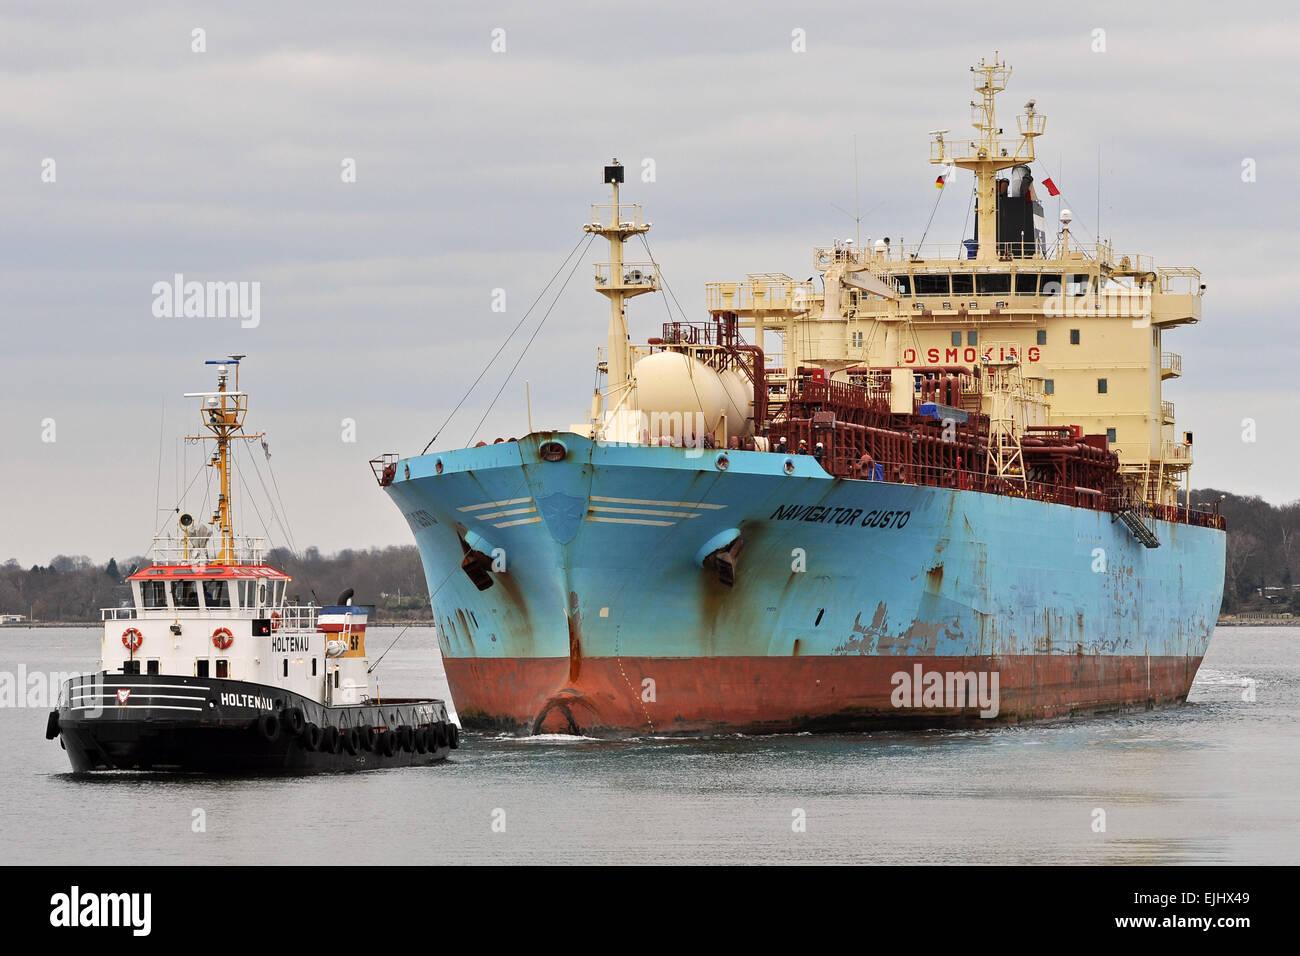 Il Gpl Tanker Navigator entusiasmo con il rimorchiatore Holtenau Immagini Stock